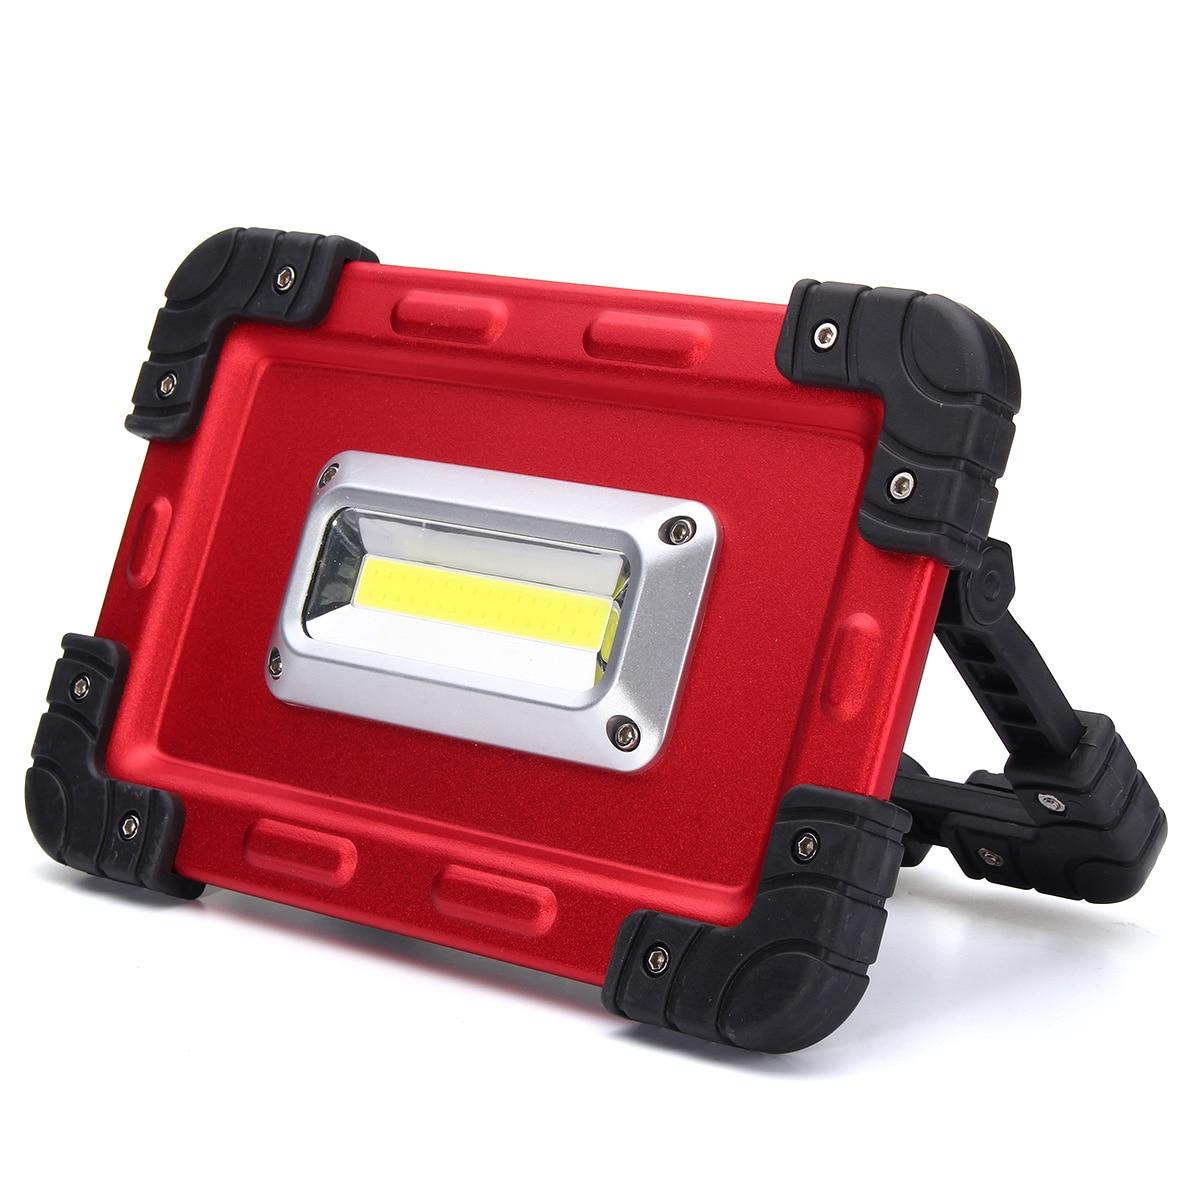 <font><b>Msiing</b></font> 30 Вт USB удара Портативный фонари Spotlight 32 светодиодный Перезаряжаемые светодиодный свет потока работы палатка открытый лампа DC3.7V